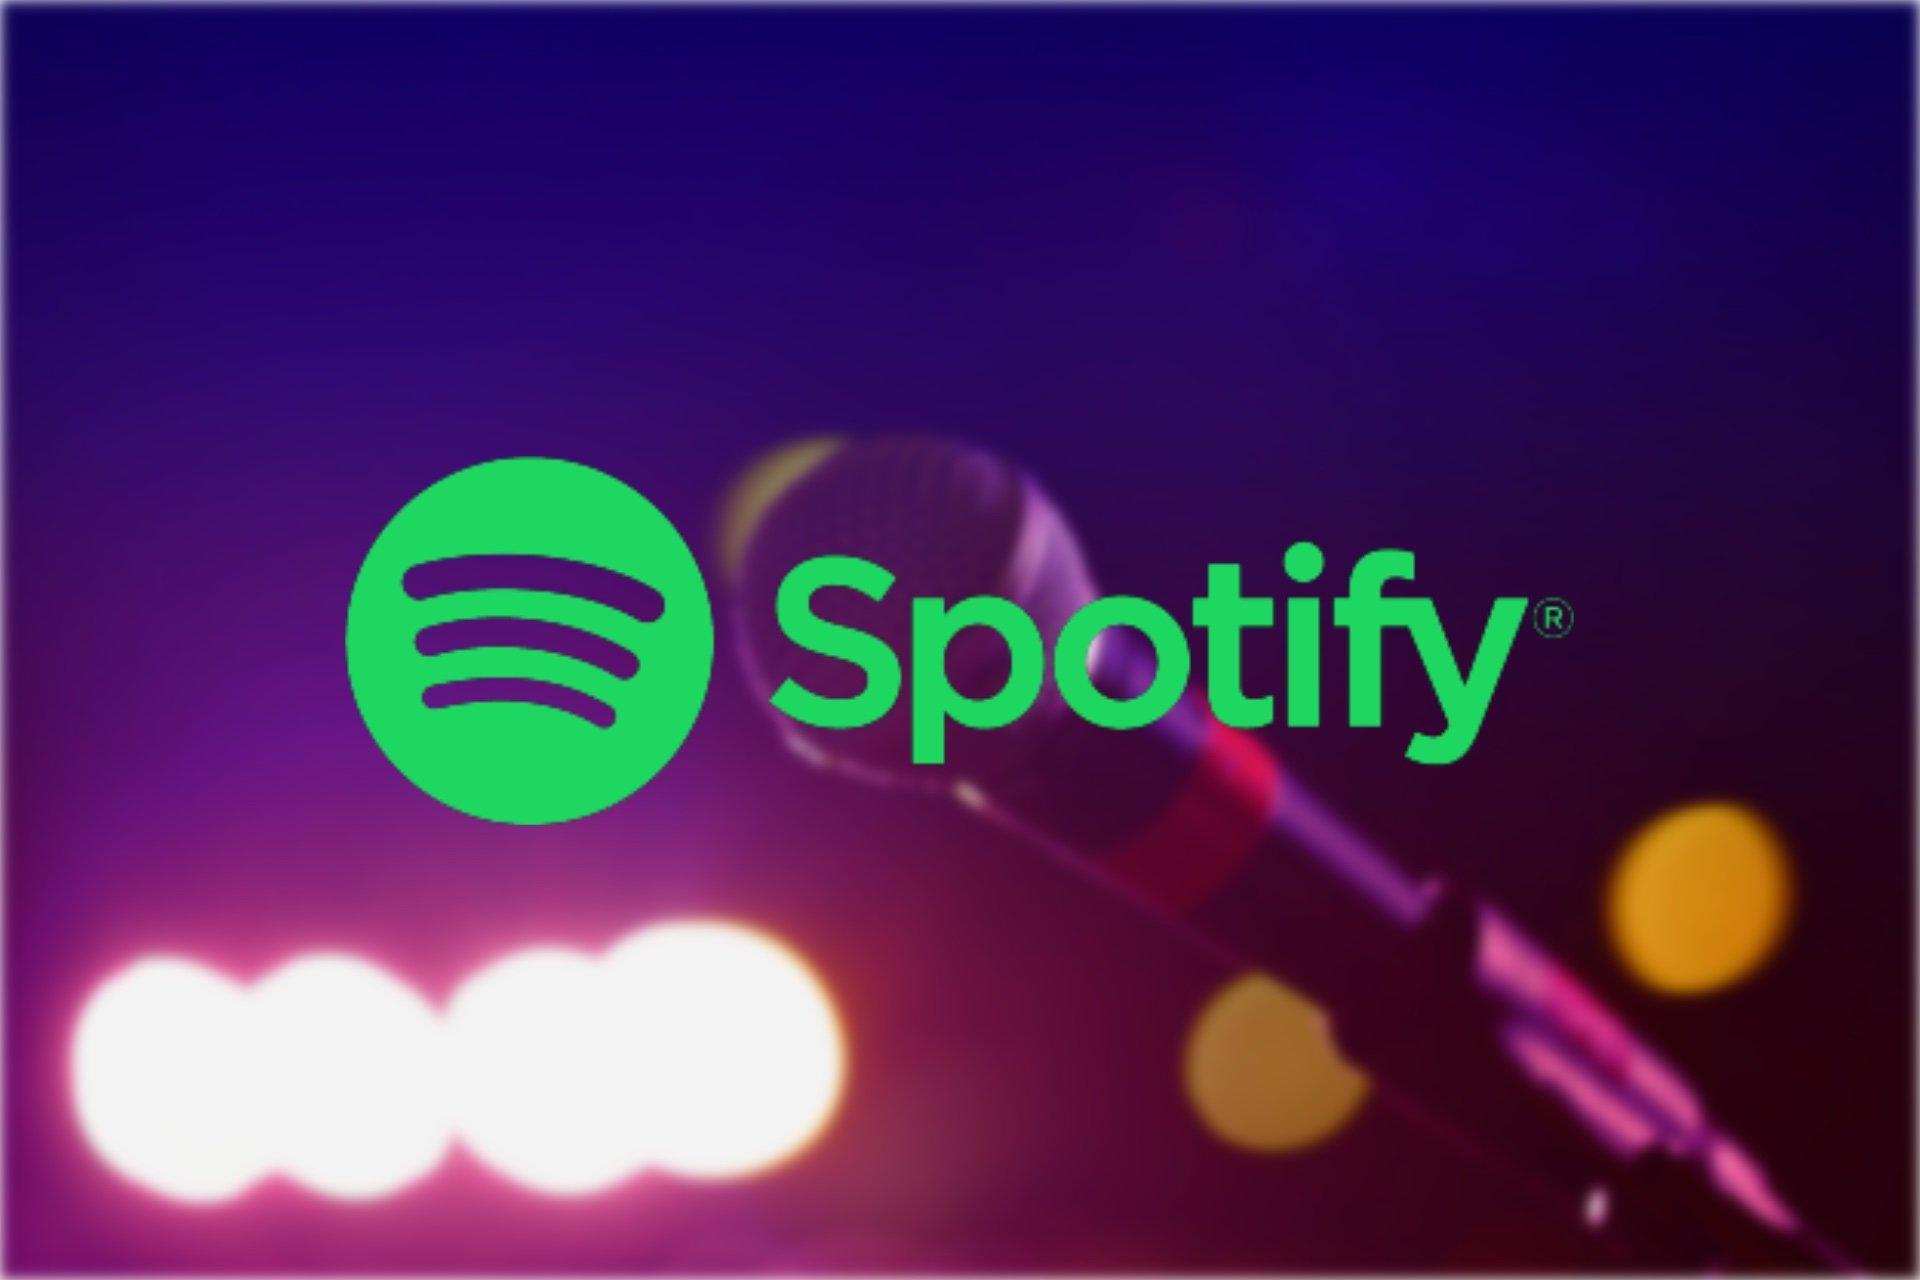 Spotify passe le cap des 130 millions d'abonnés